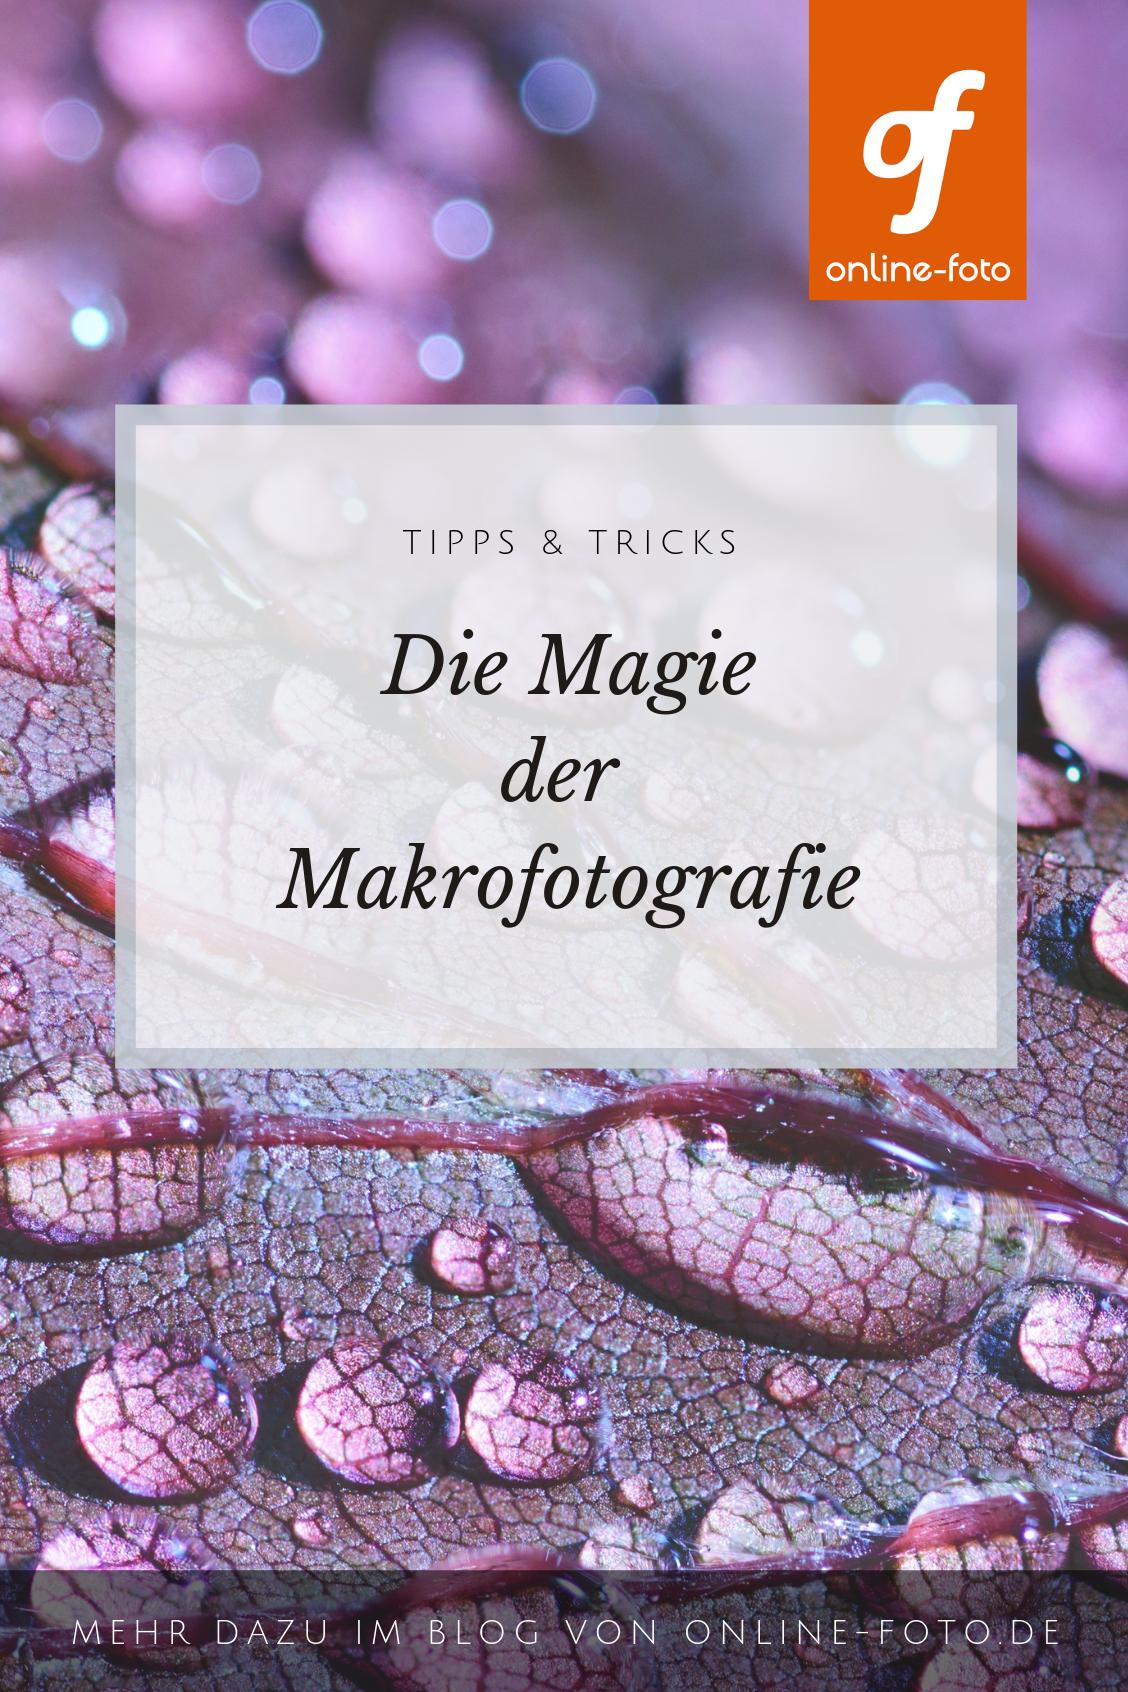 Die Magie der Makrofotografie